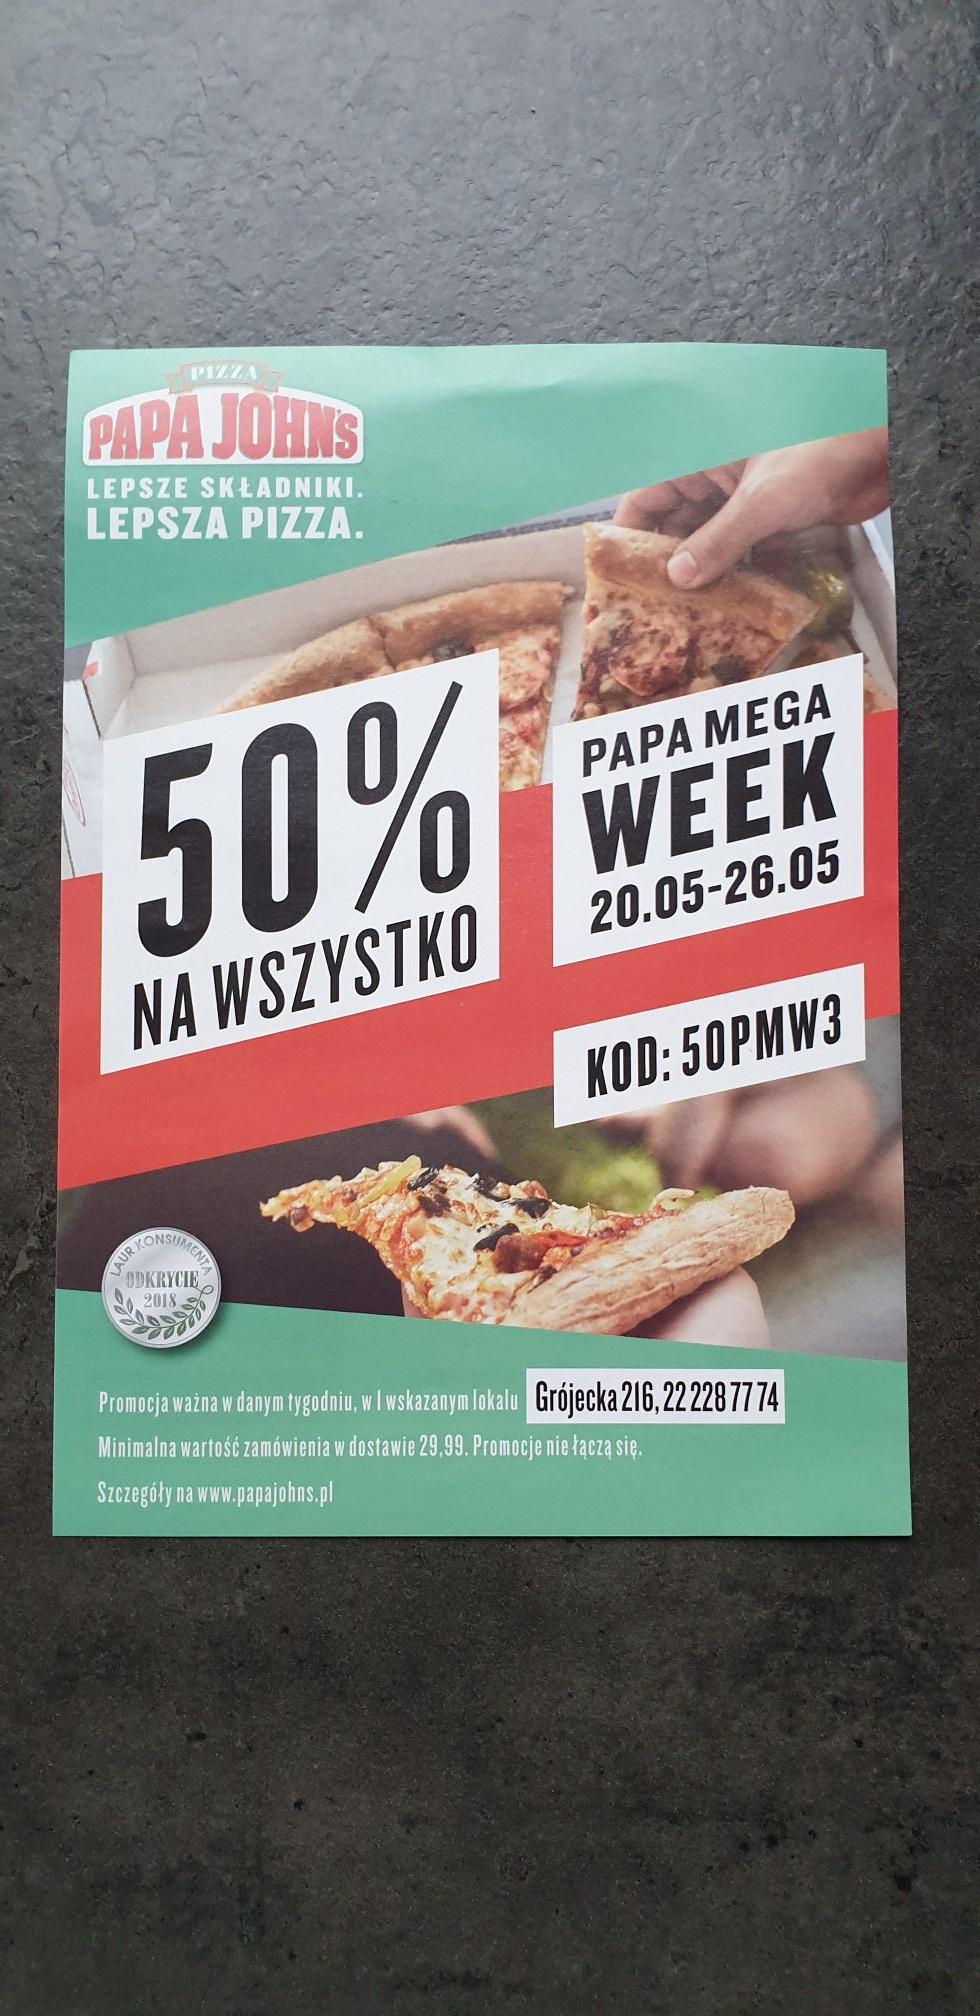 Pizza za 50% ceny 2 PapaJohns